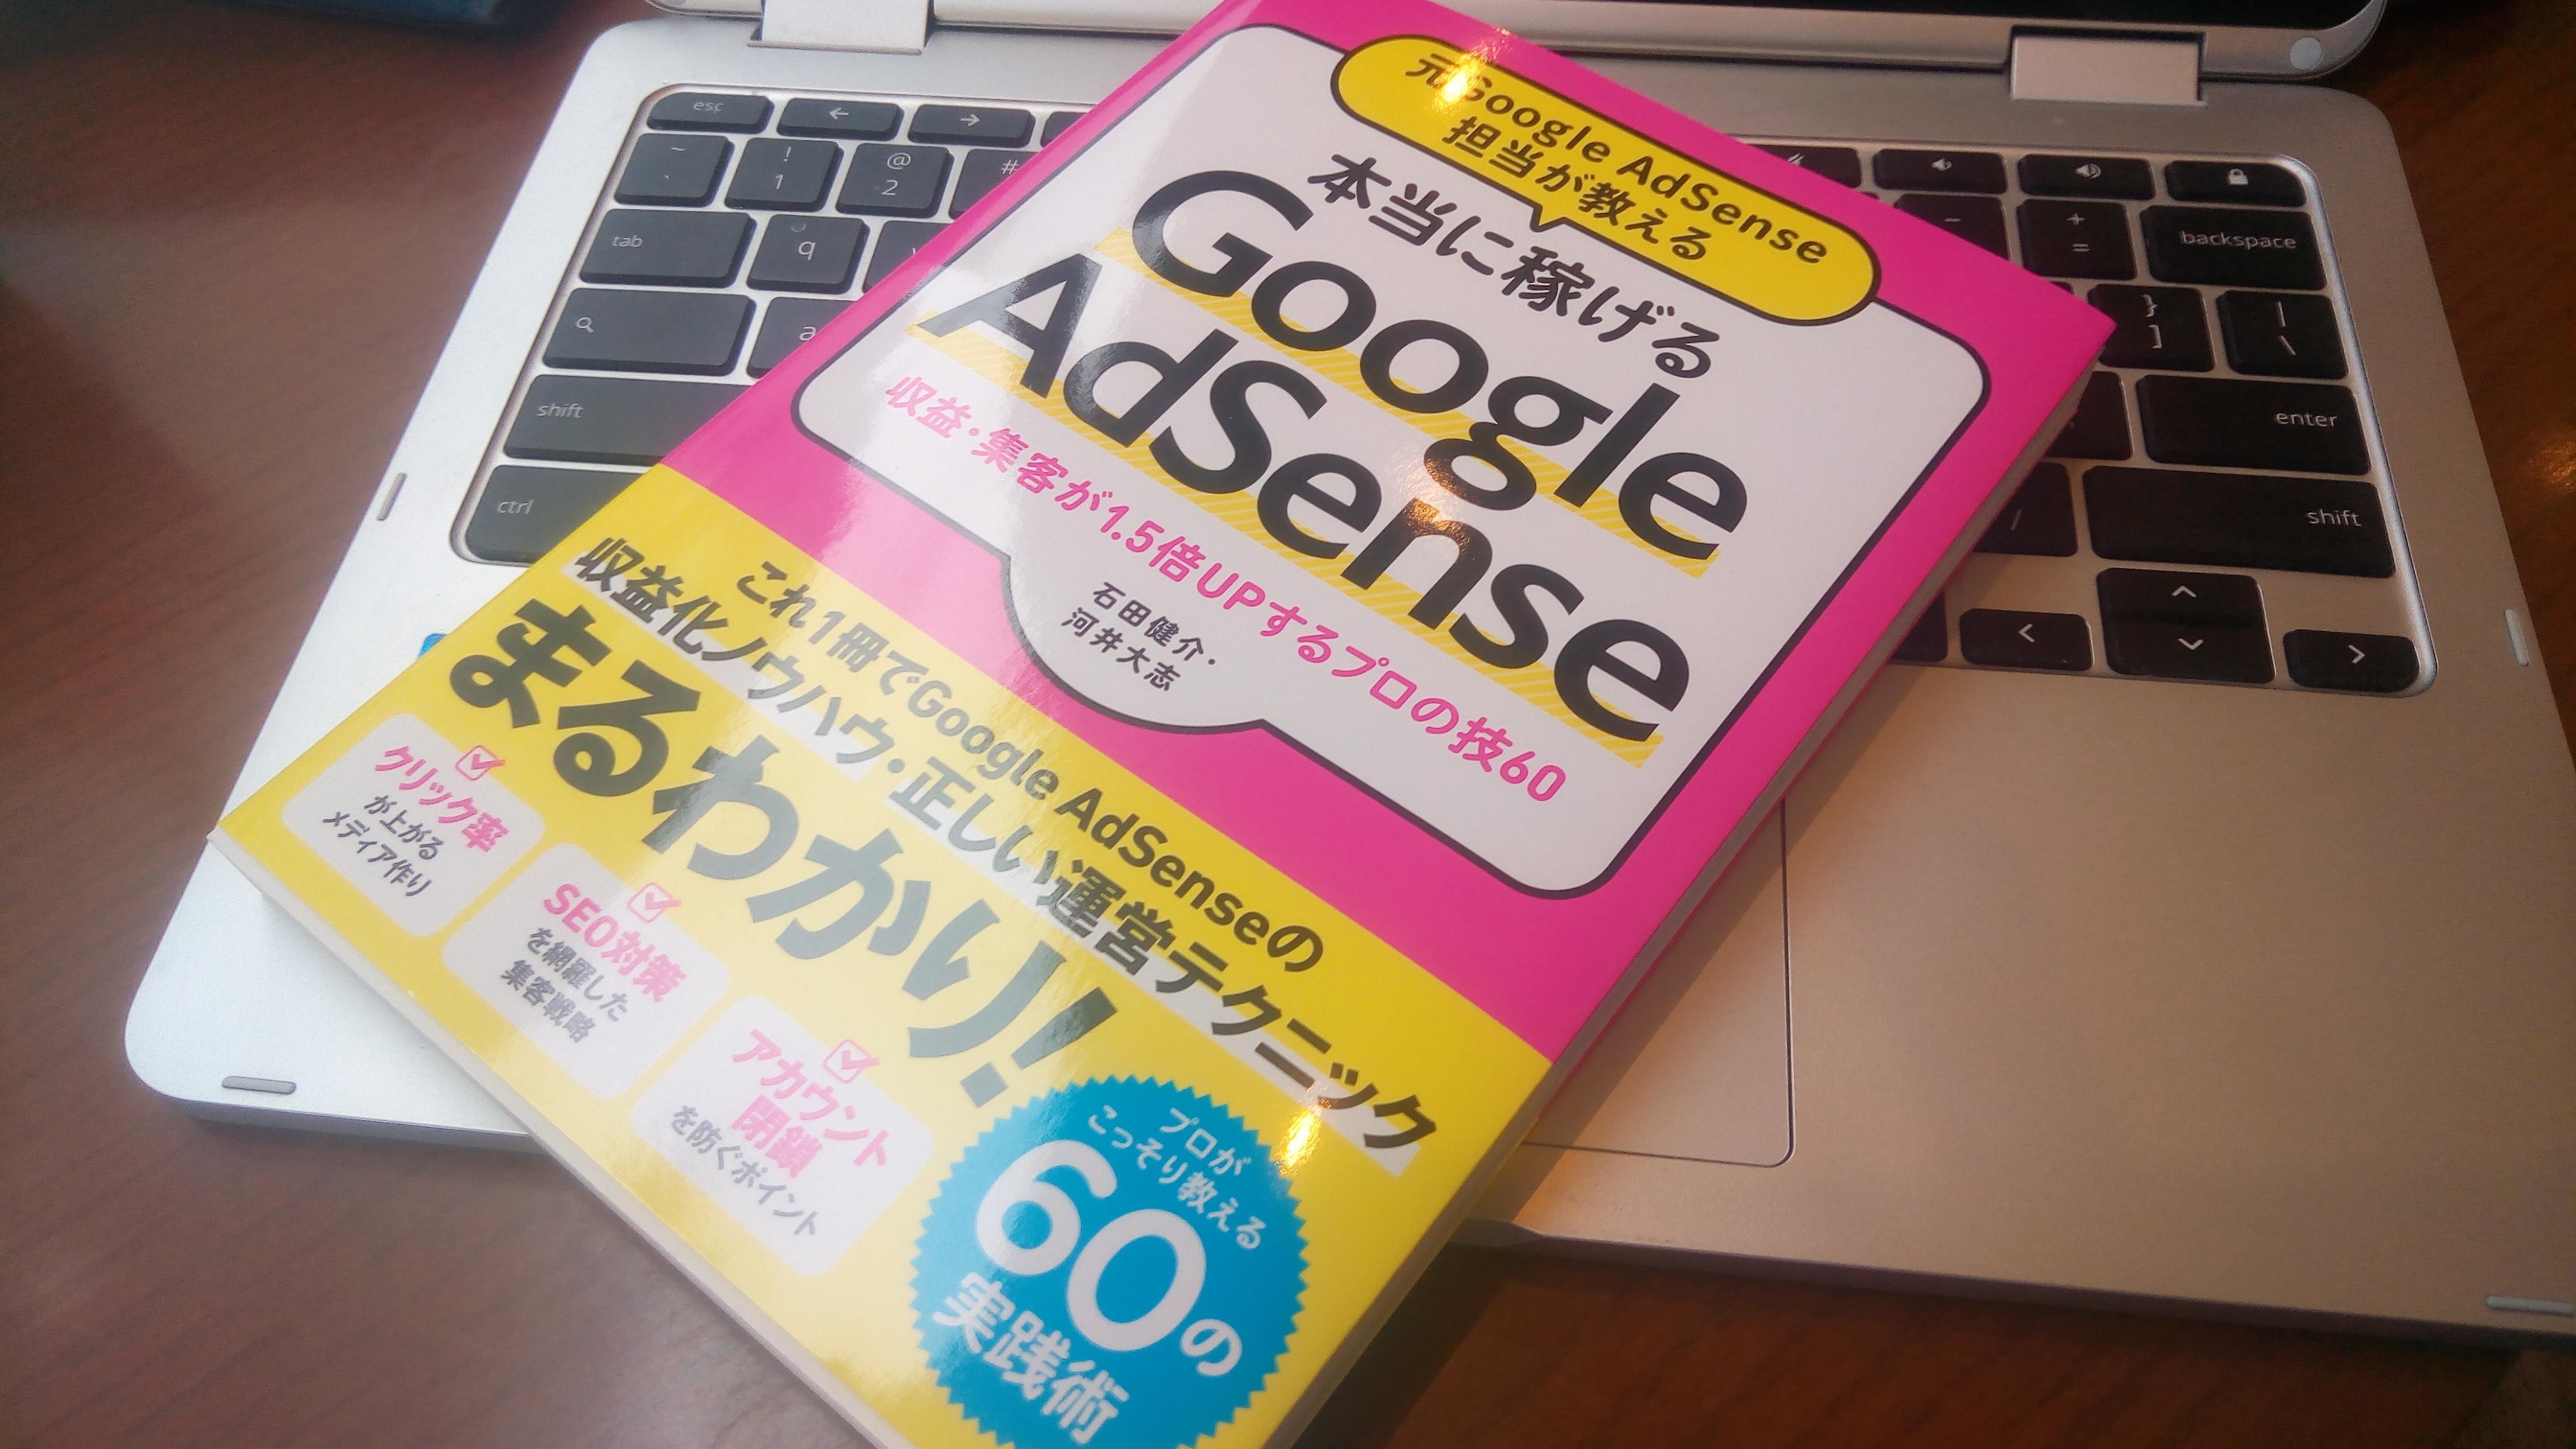 『元Google Adsense担当が教える 本当に稼げるGoogle Adsense 収益・集客が1.5倍UPするプロの技60』(石田健介・河井大志共著・ソーテック社)